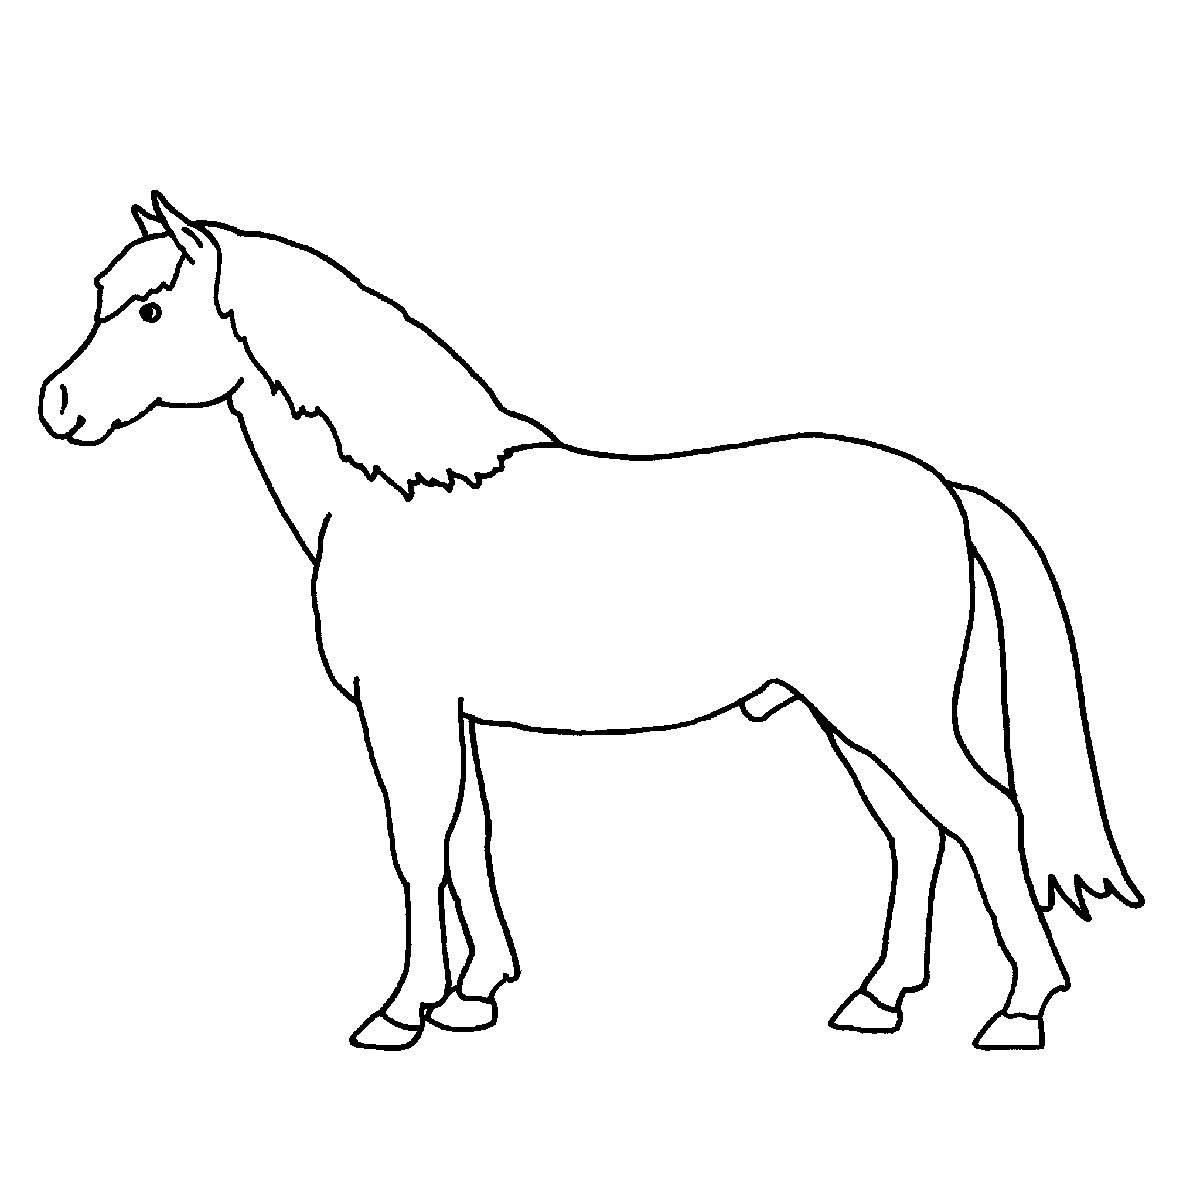 Ausmalbild Bauernhof: Ausmalbild Pferd Kostenlos Ausdrucken mit Pferde Bilder Zum Ausmalen Und Ausdrucken Kostenlos